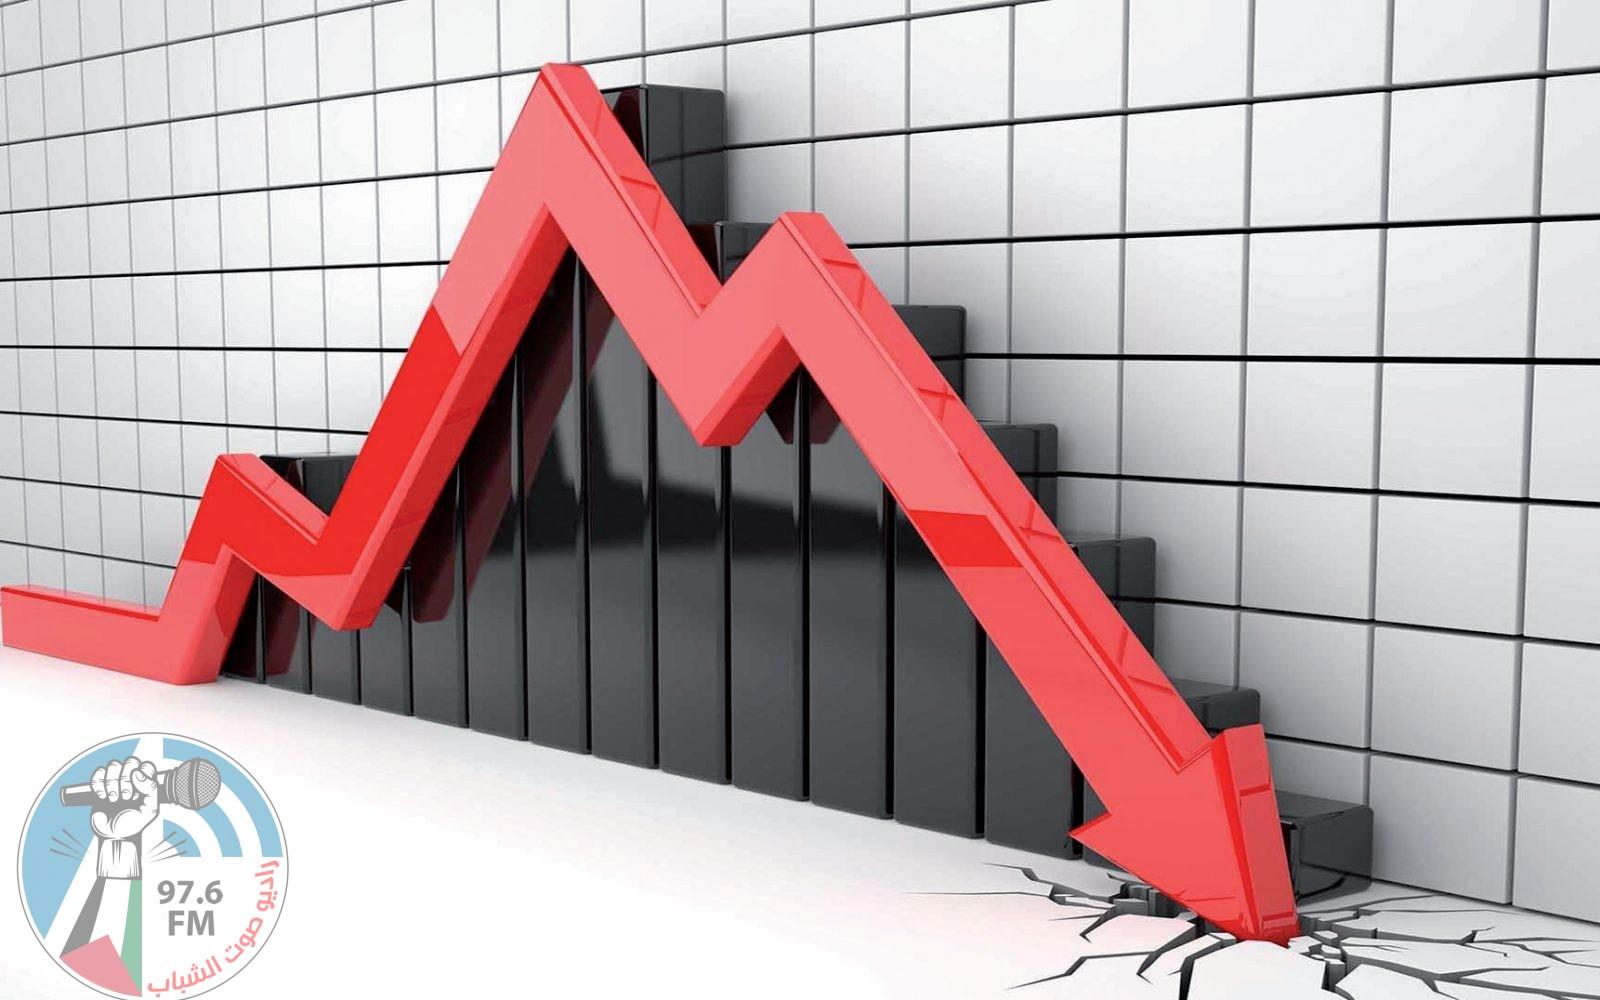 سوق العمل الأكثر تأثرا خلال العام الماضي بسبب كورونا